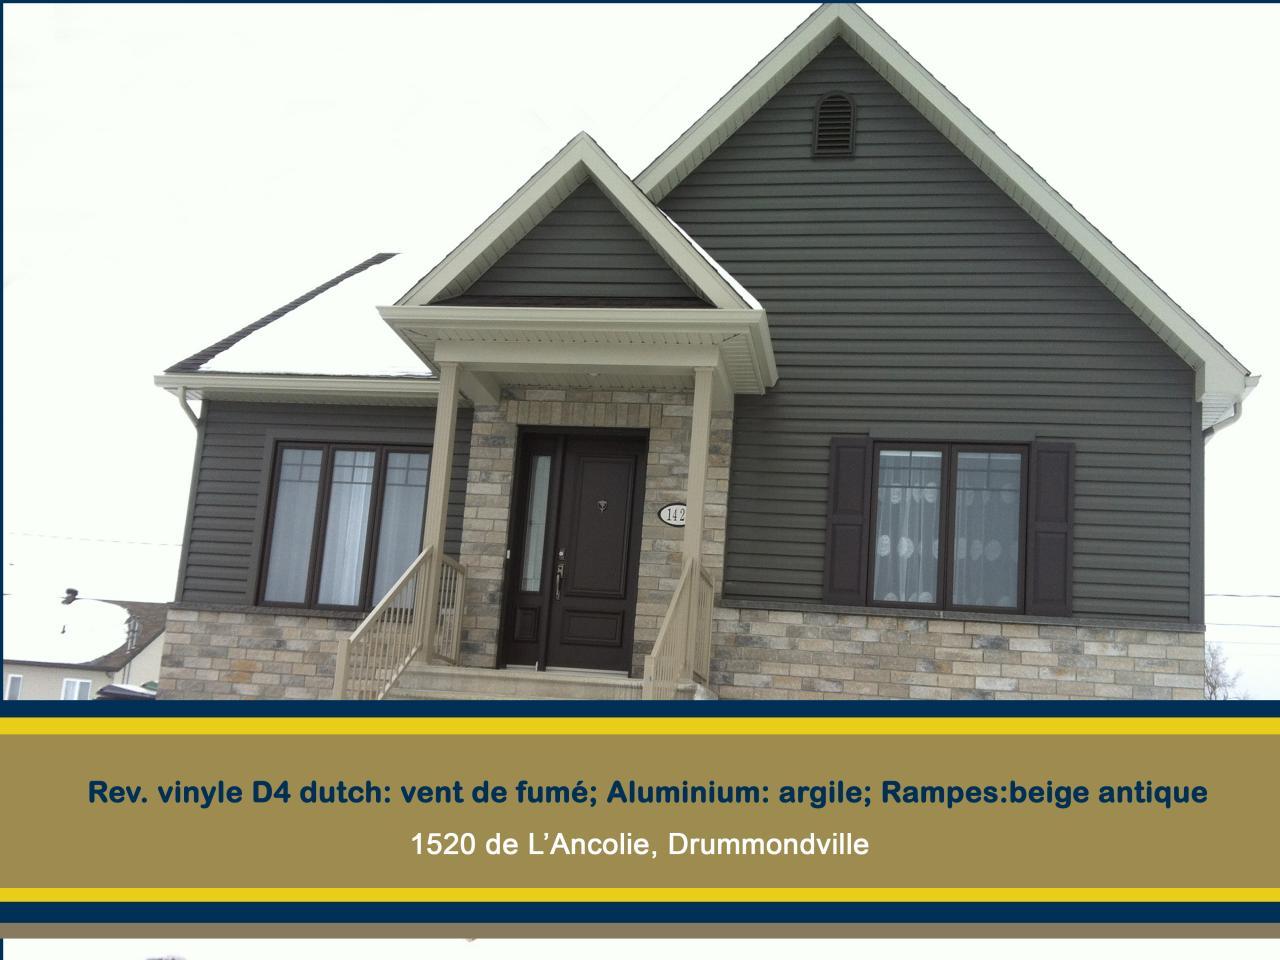 vinyle-1420 de l'Ancolie-Drummondville